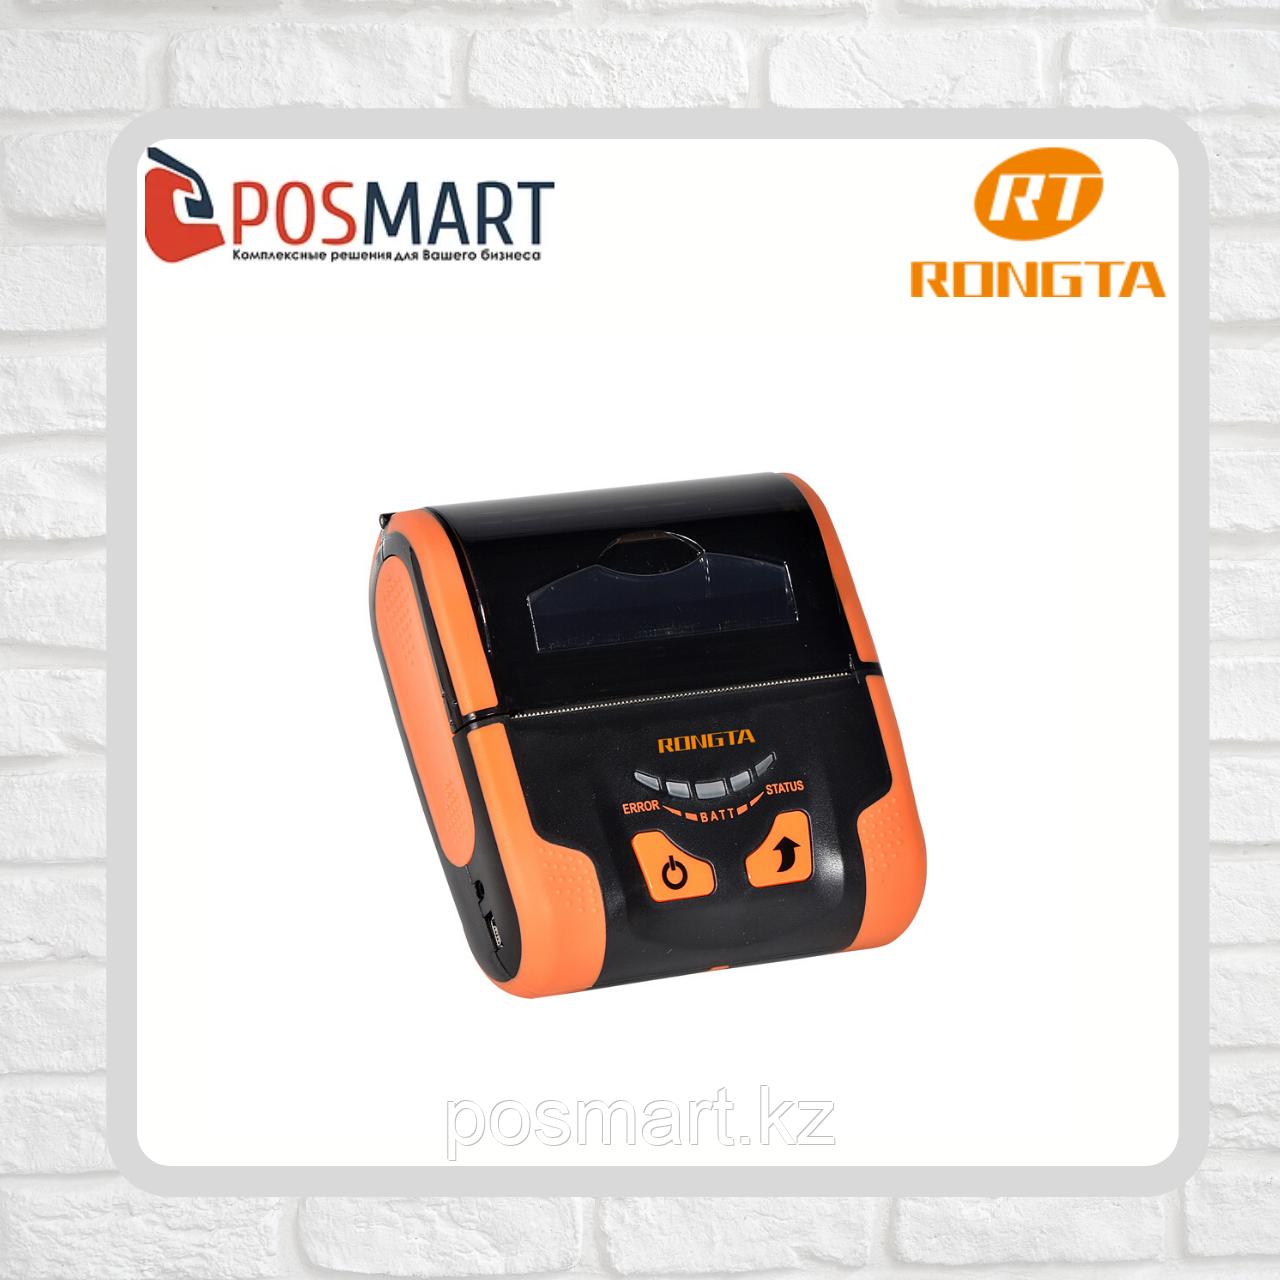 Мобильный принтер чеков Rongta RP300